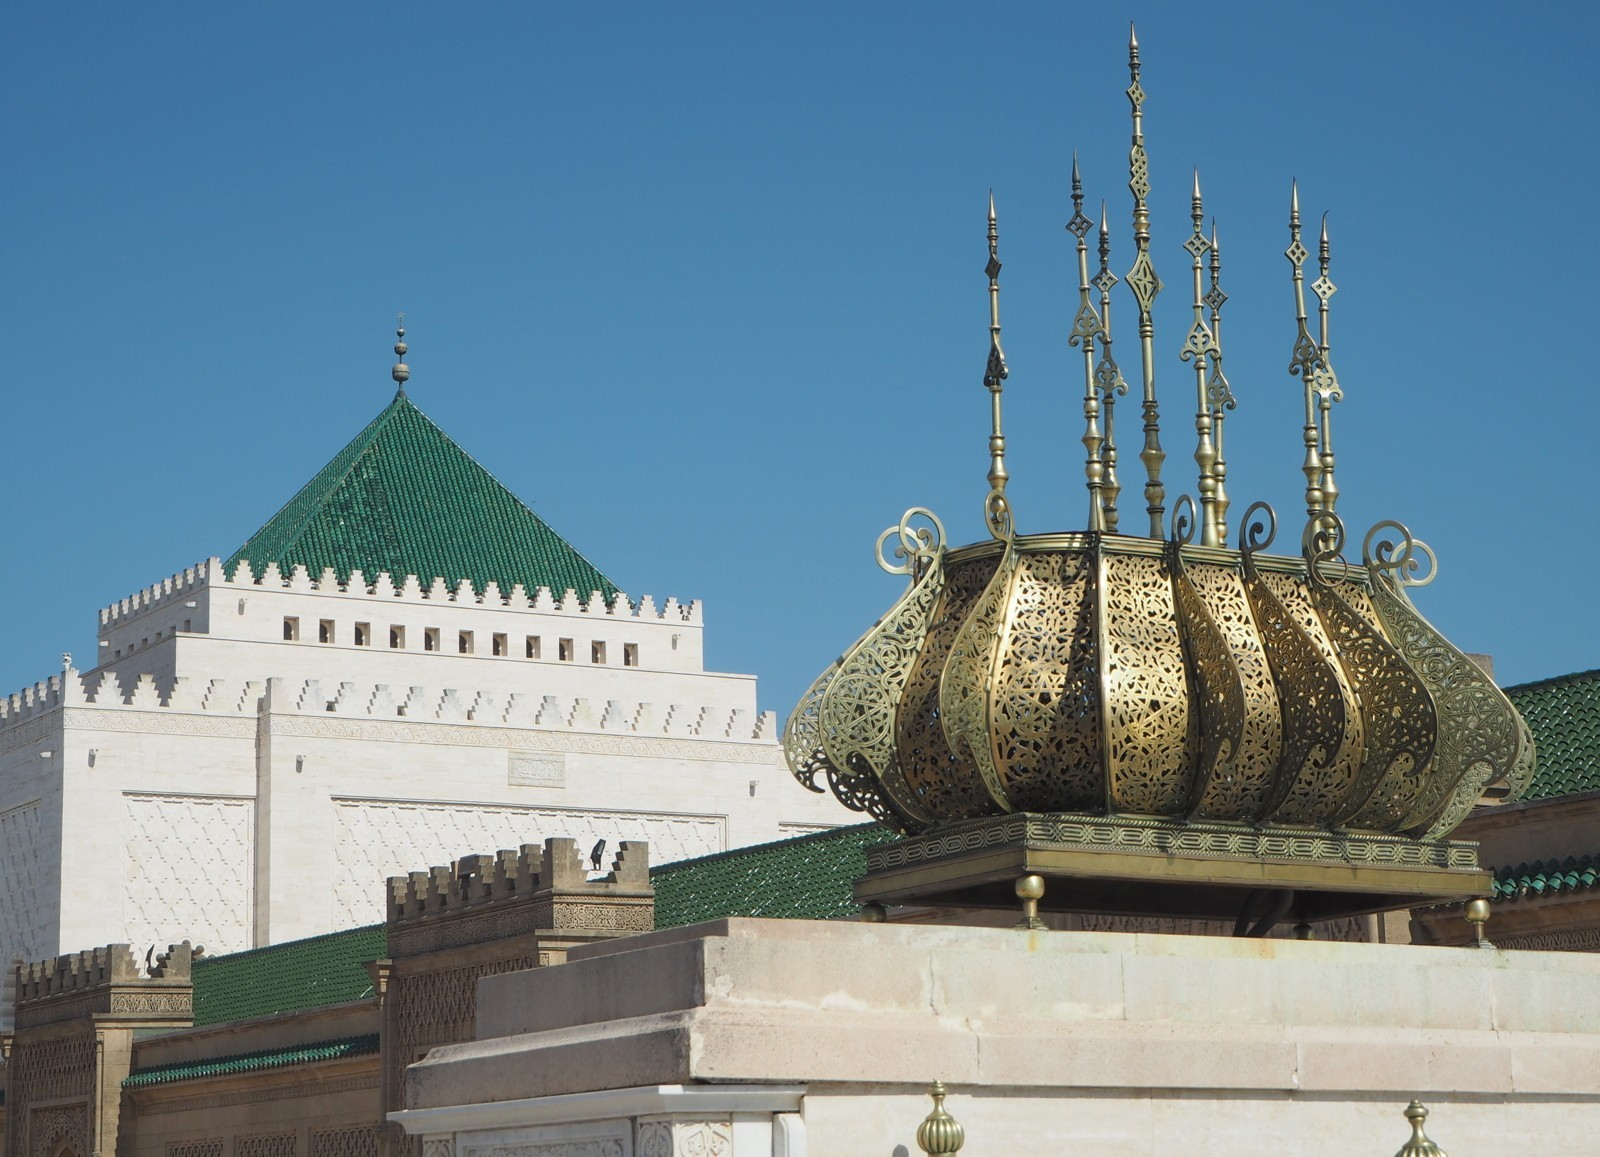 Mohammed V mausoleumi Rabat